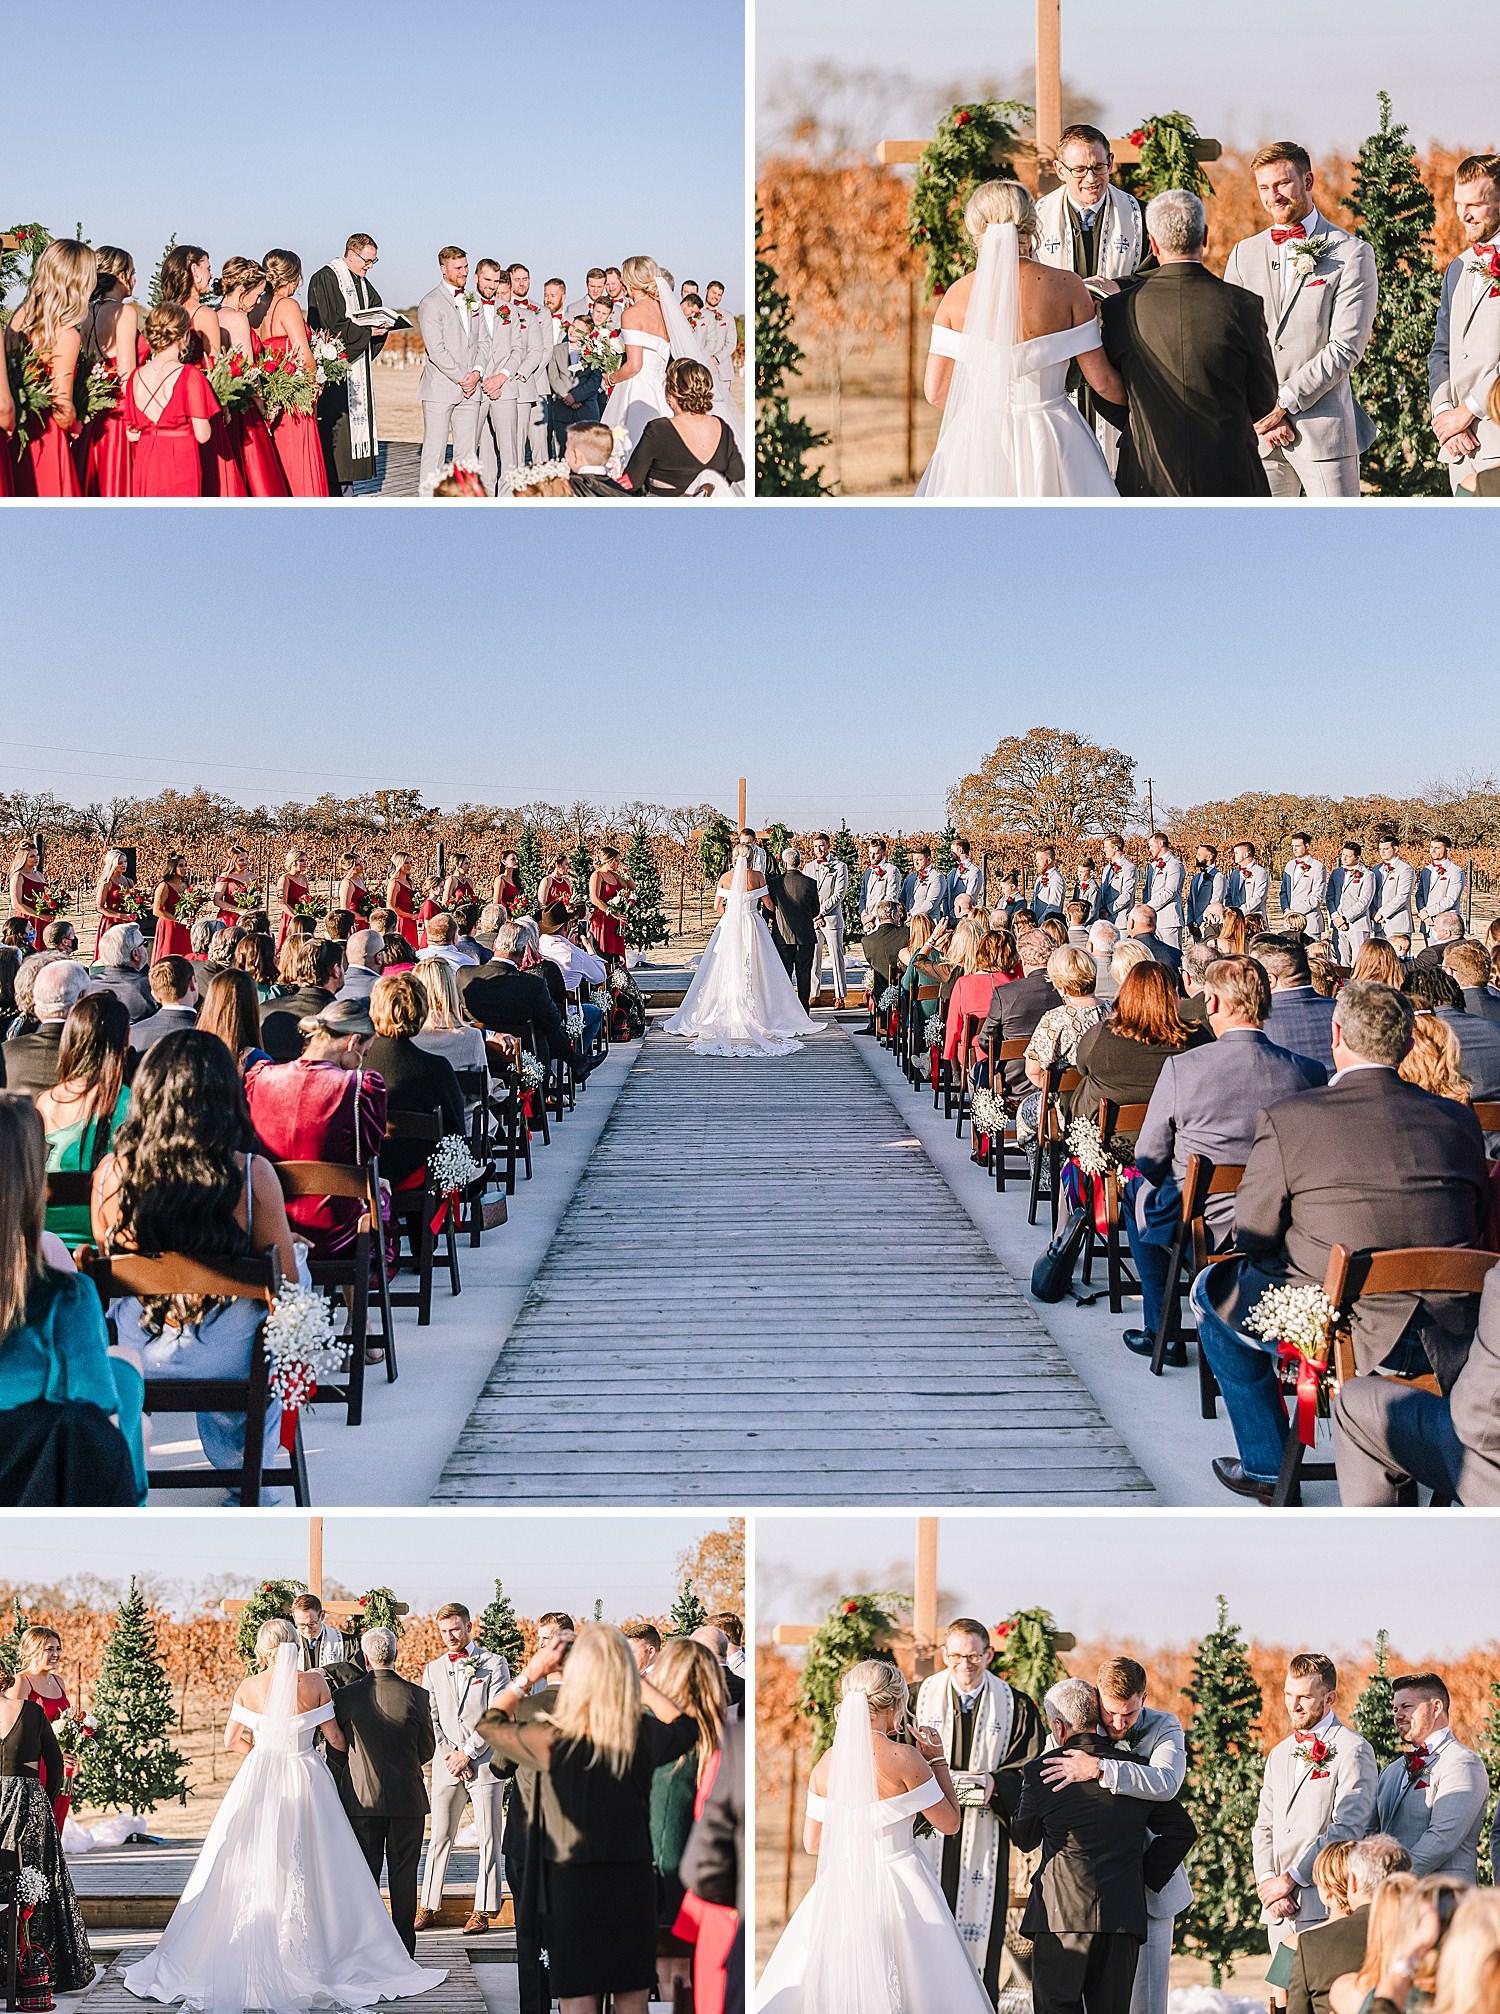 College-Station-Aggie-Wedding-The-Weinberg-at-Wixon-Valley-Christmas-Hallmark-Wedding_0053.jpg